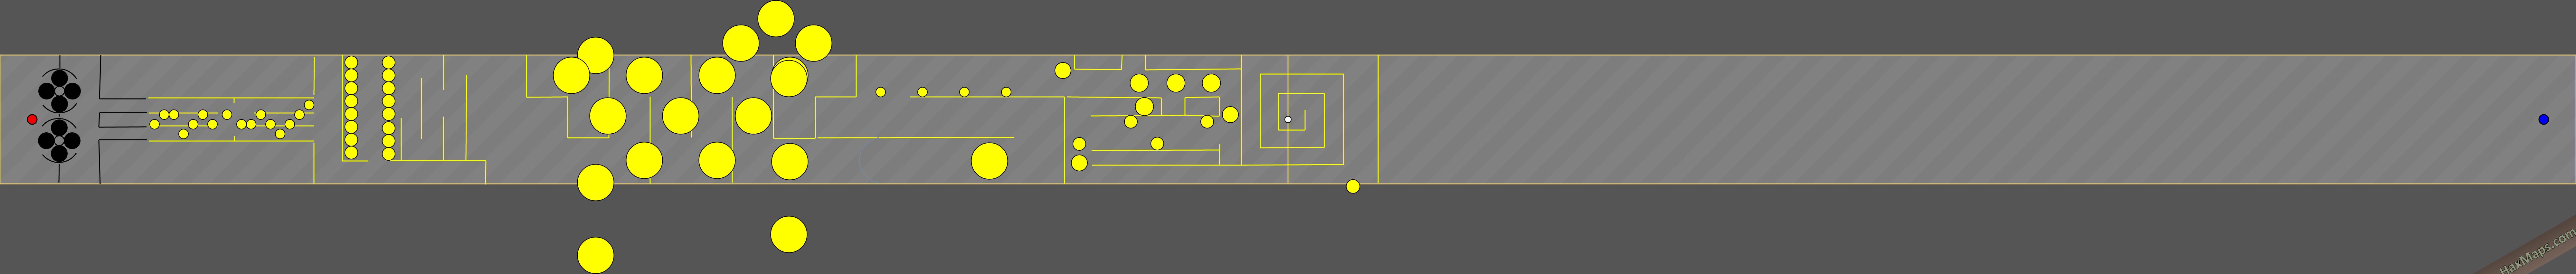 hax ball maps   CentekBall